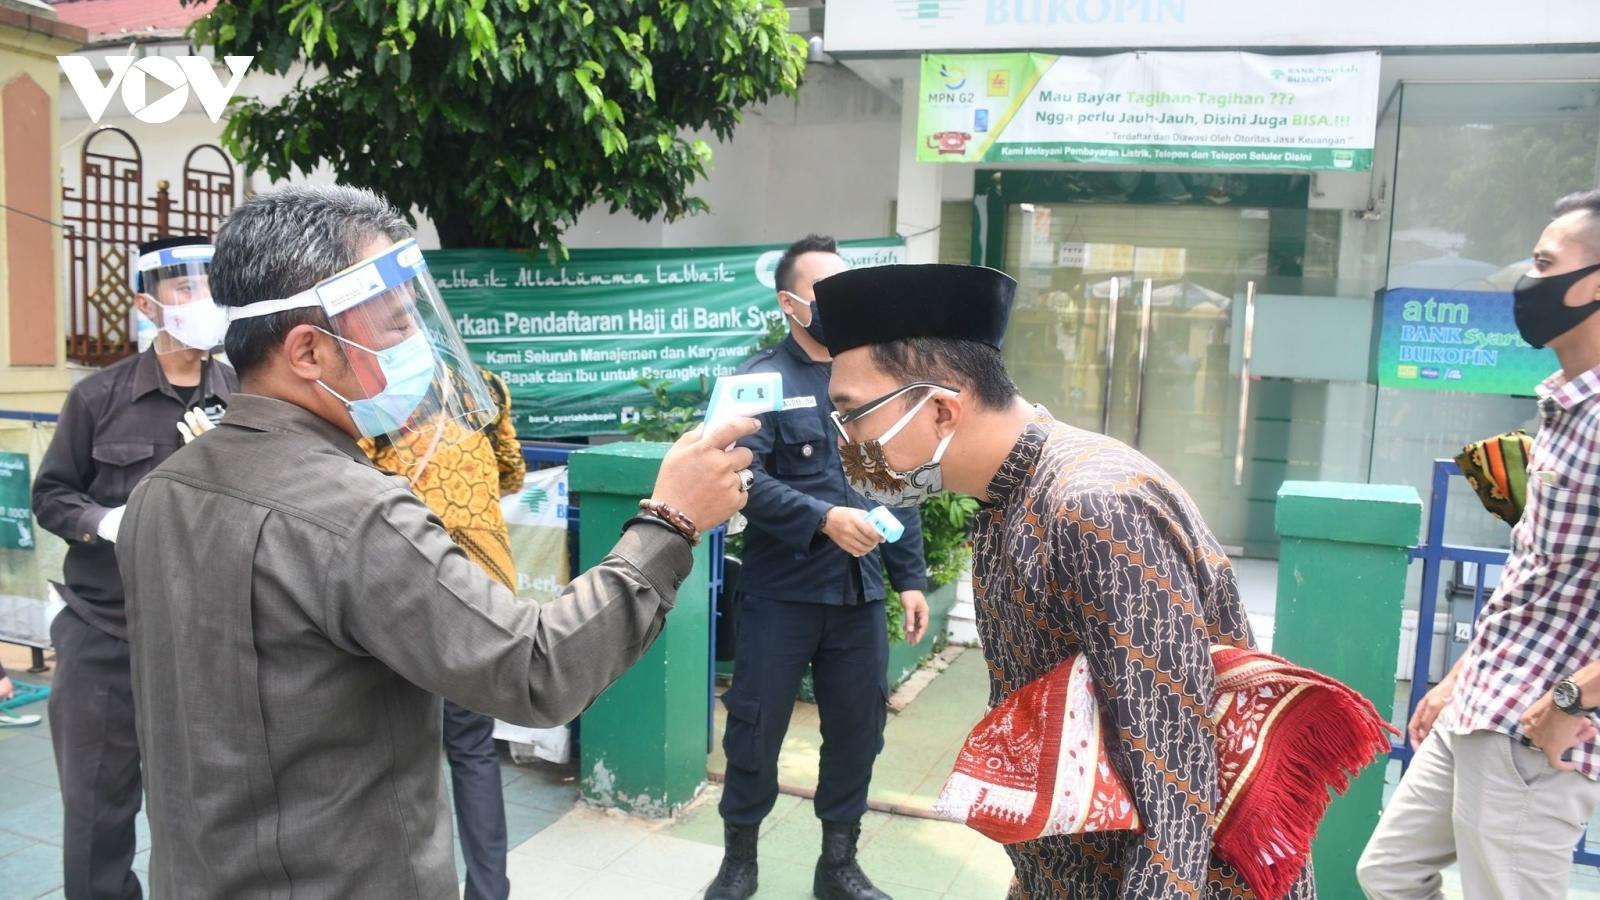 Indonesia lo chống dịch dịp lễ Eid Al-Fitr, Thái Lan có 34 ca Covid-19 tử vong trong ngày